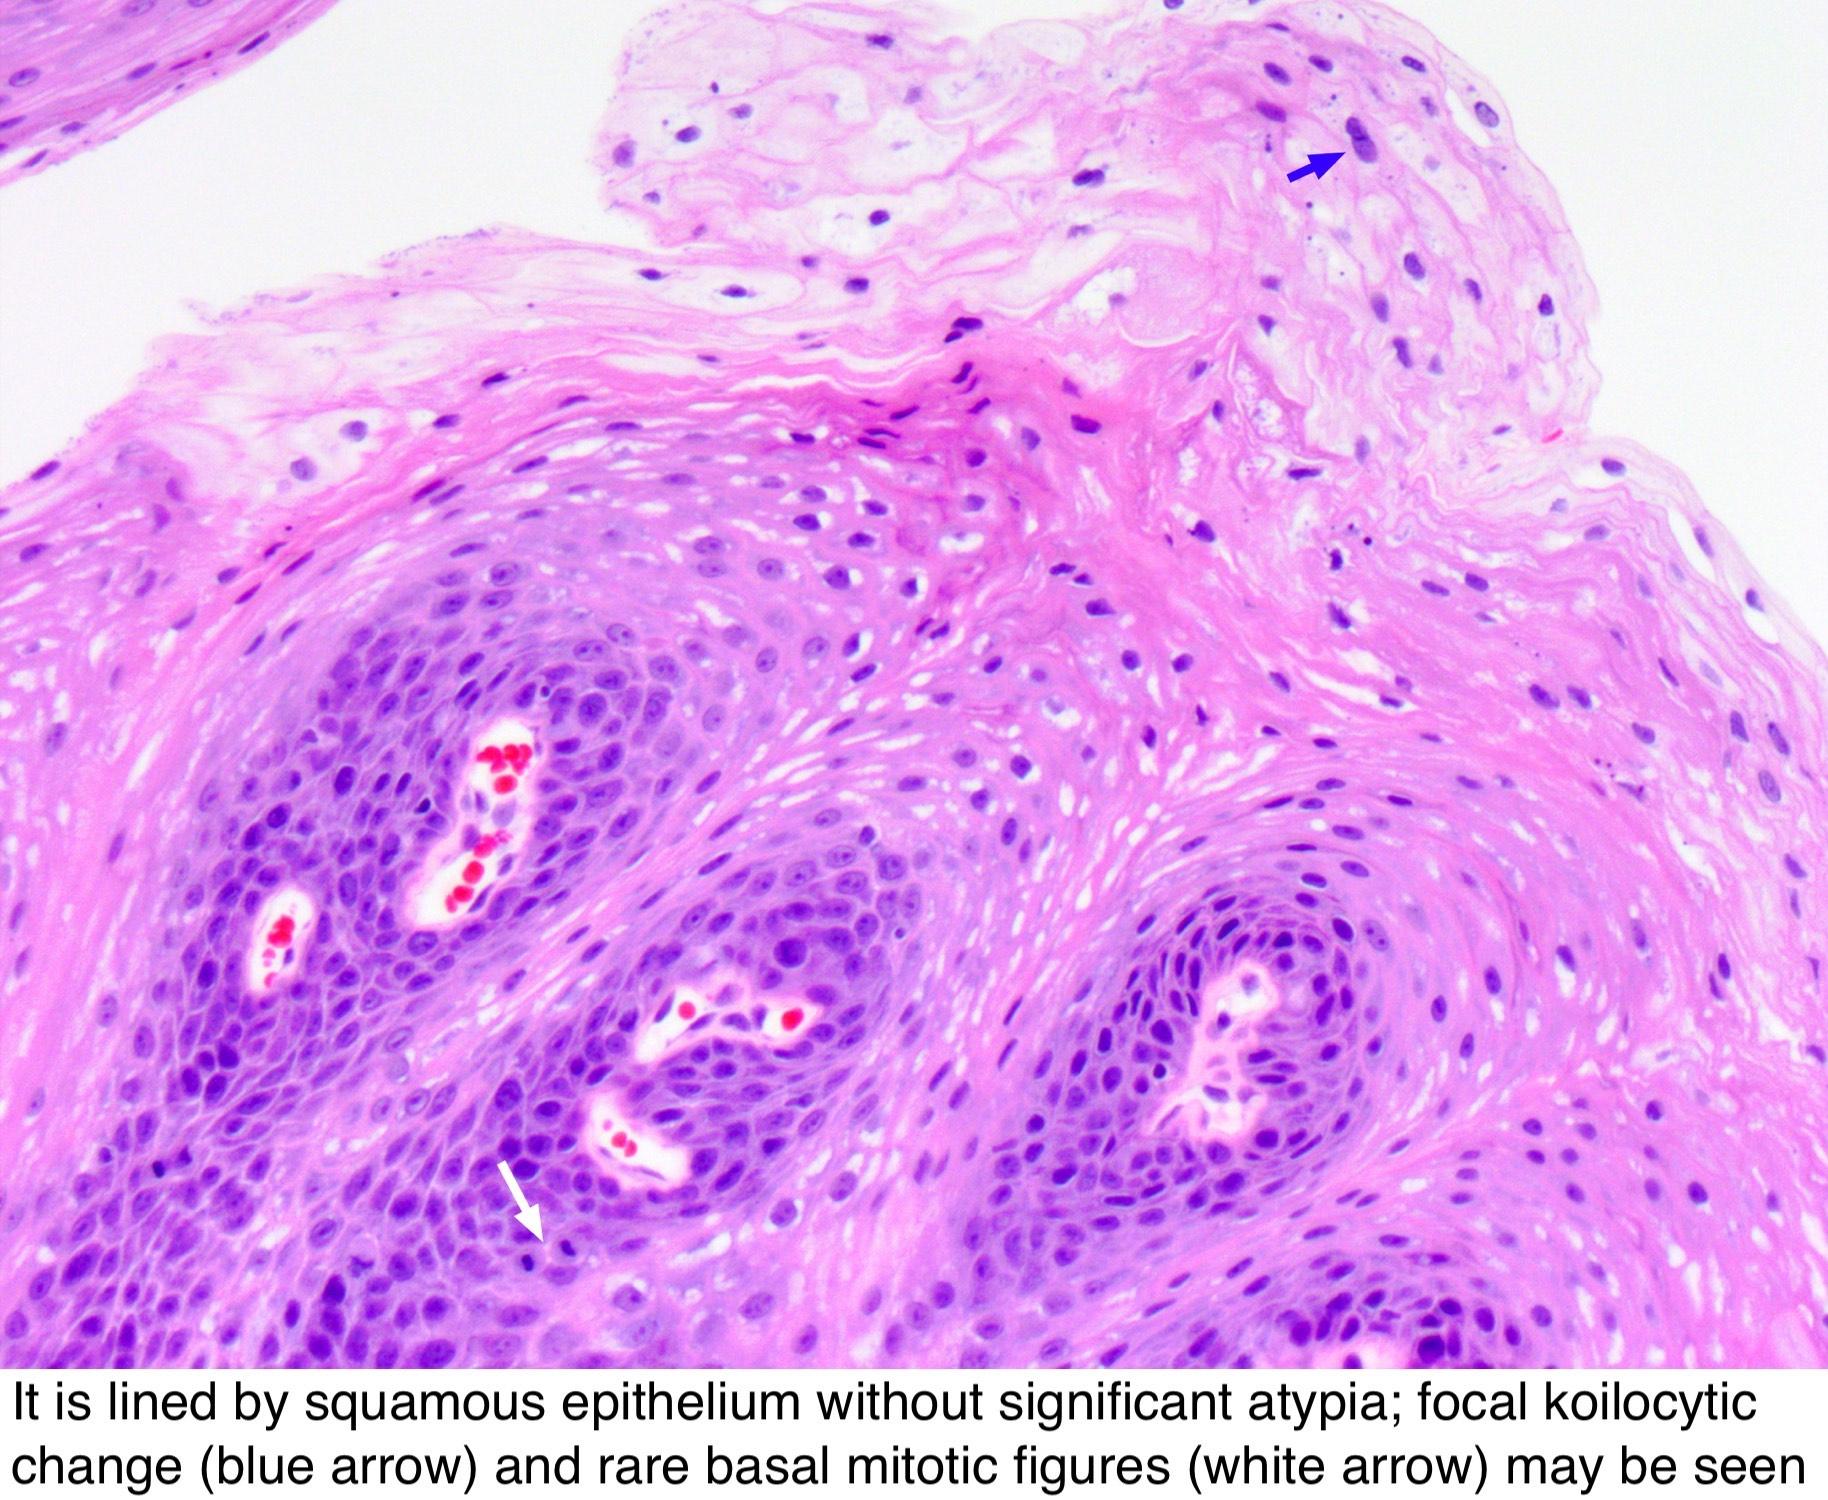 papilloma definition pathology